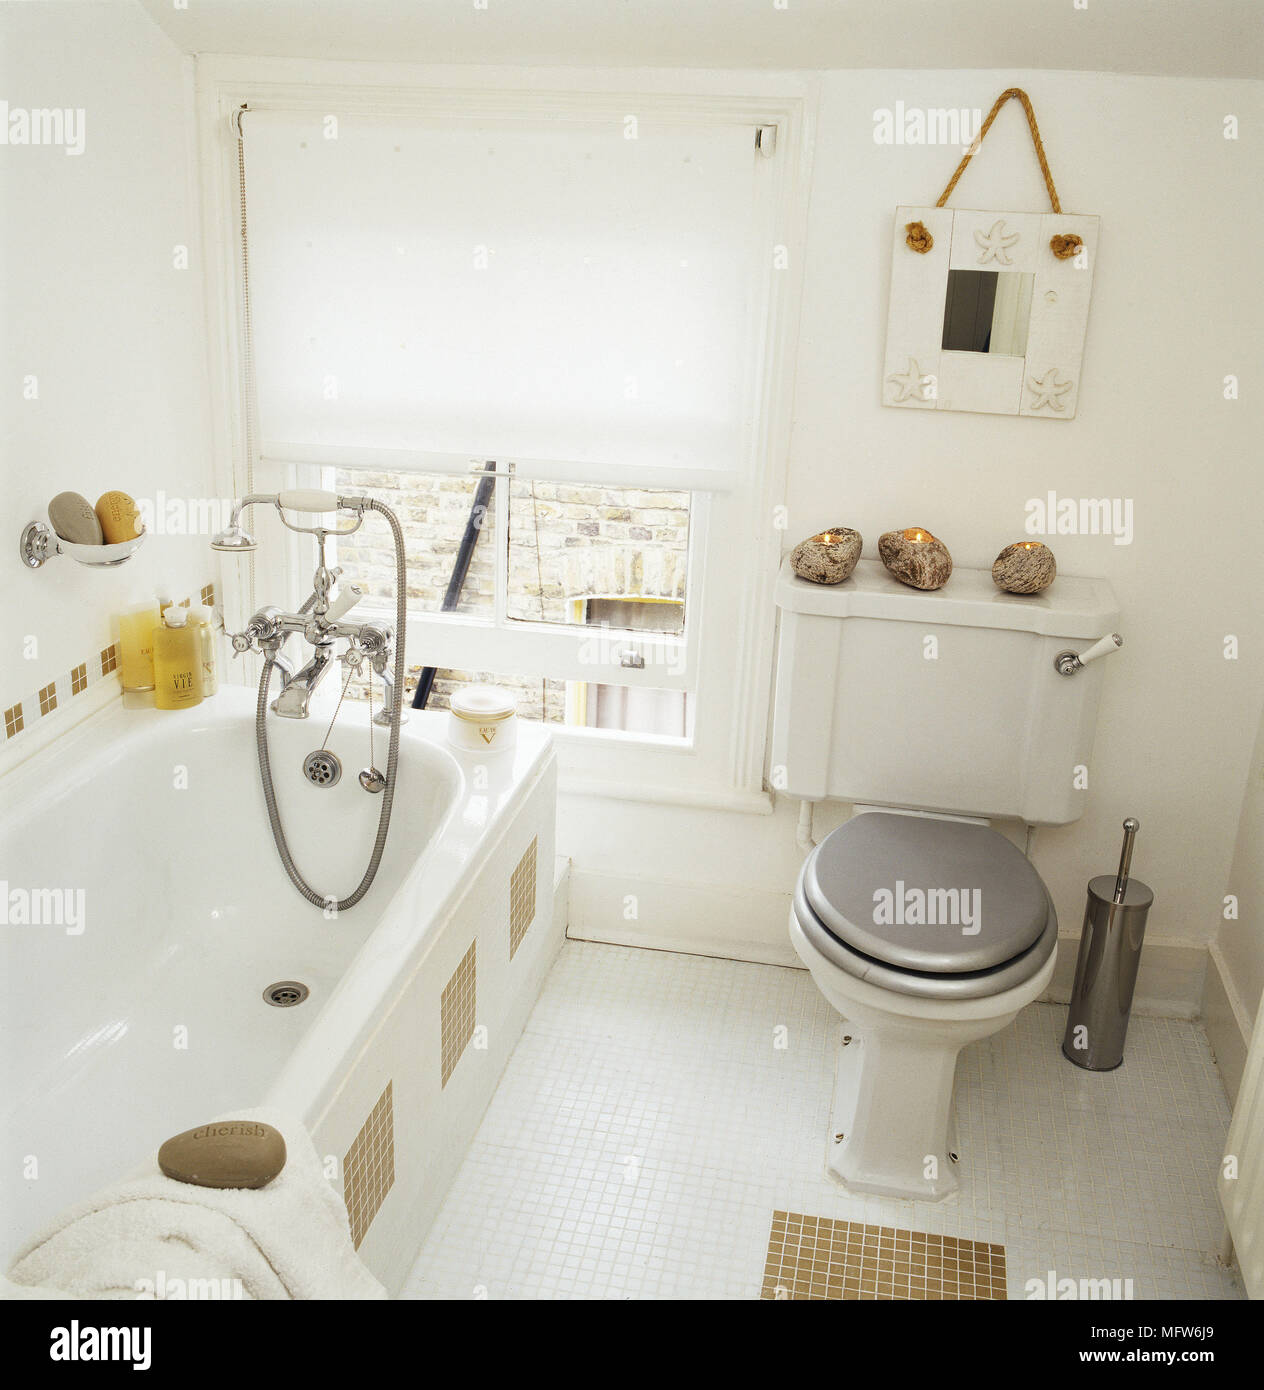 Badezimmer Fliesen Hohe Gaste Wc Tolle Ideen Zur Gestaltung Der